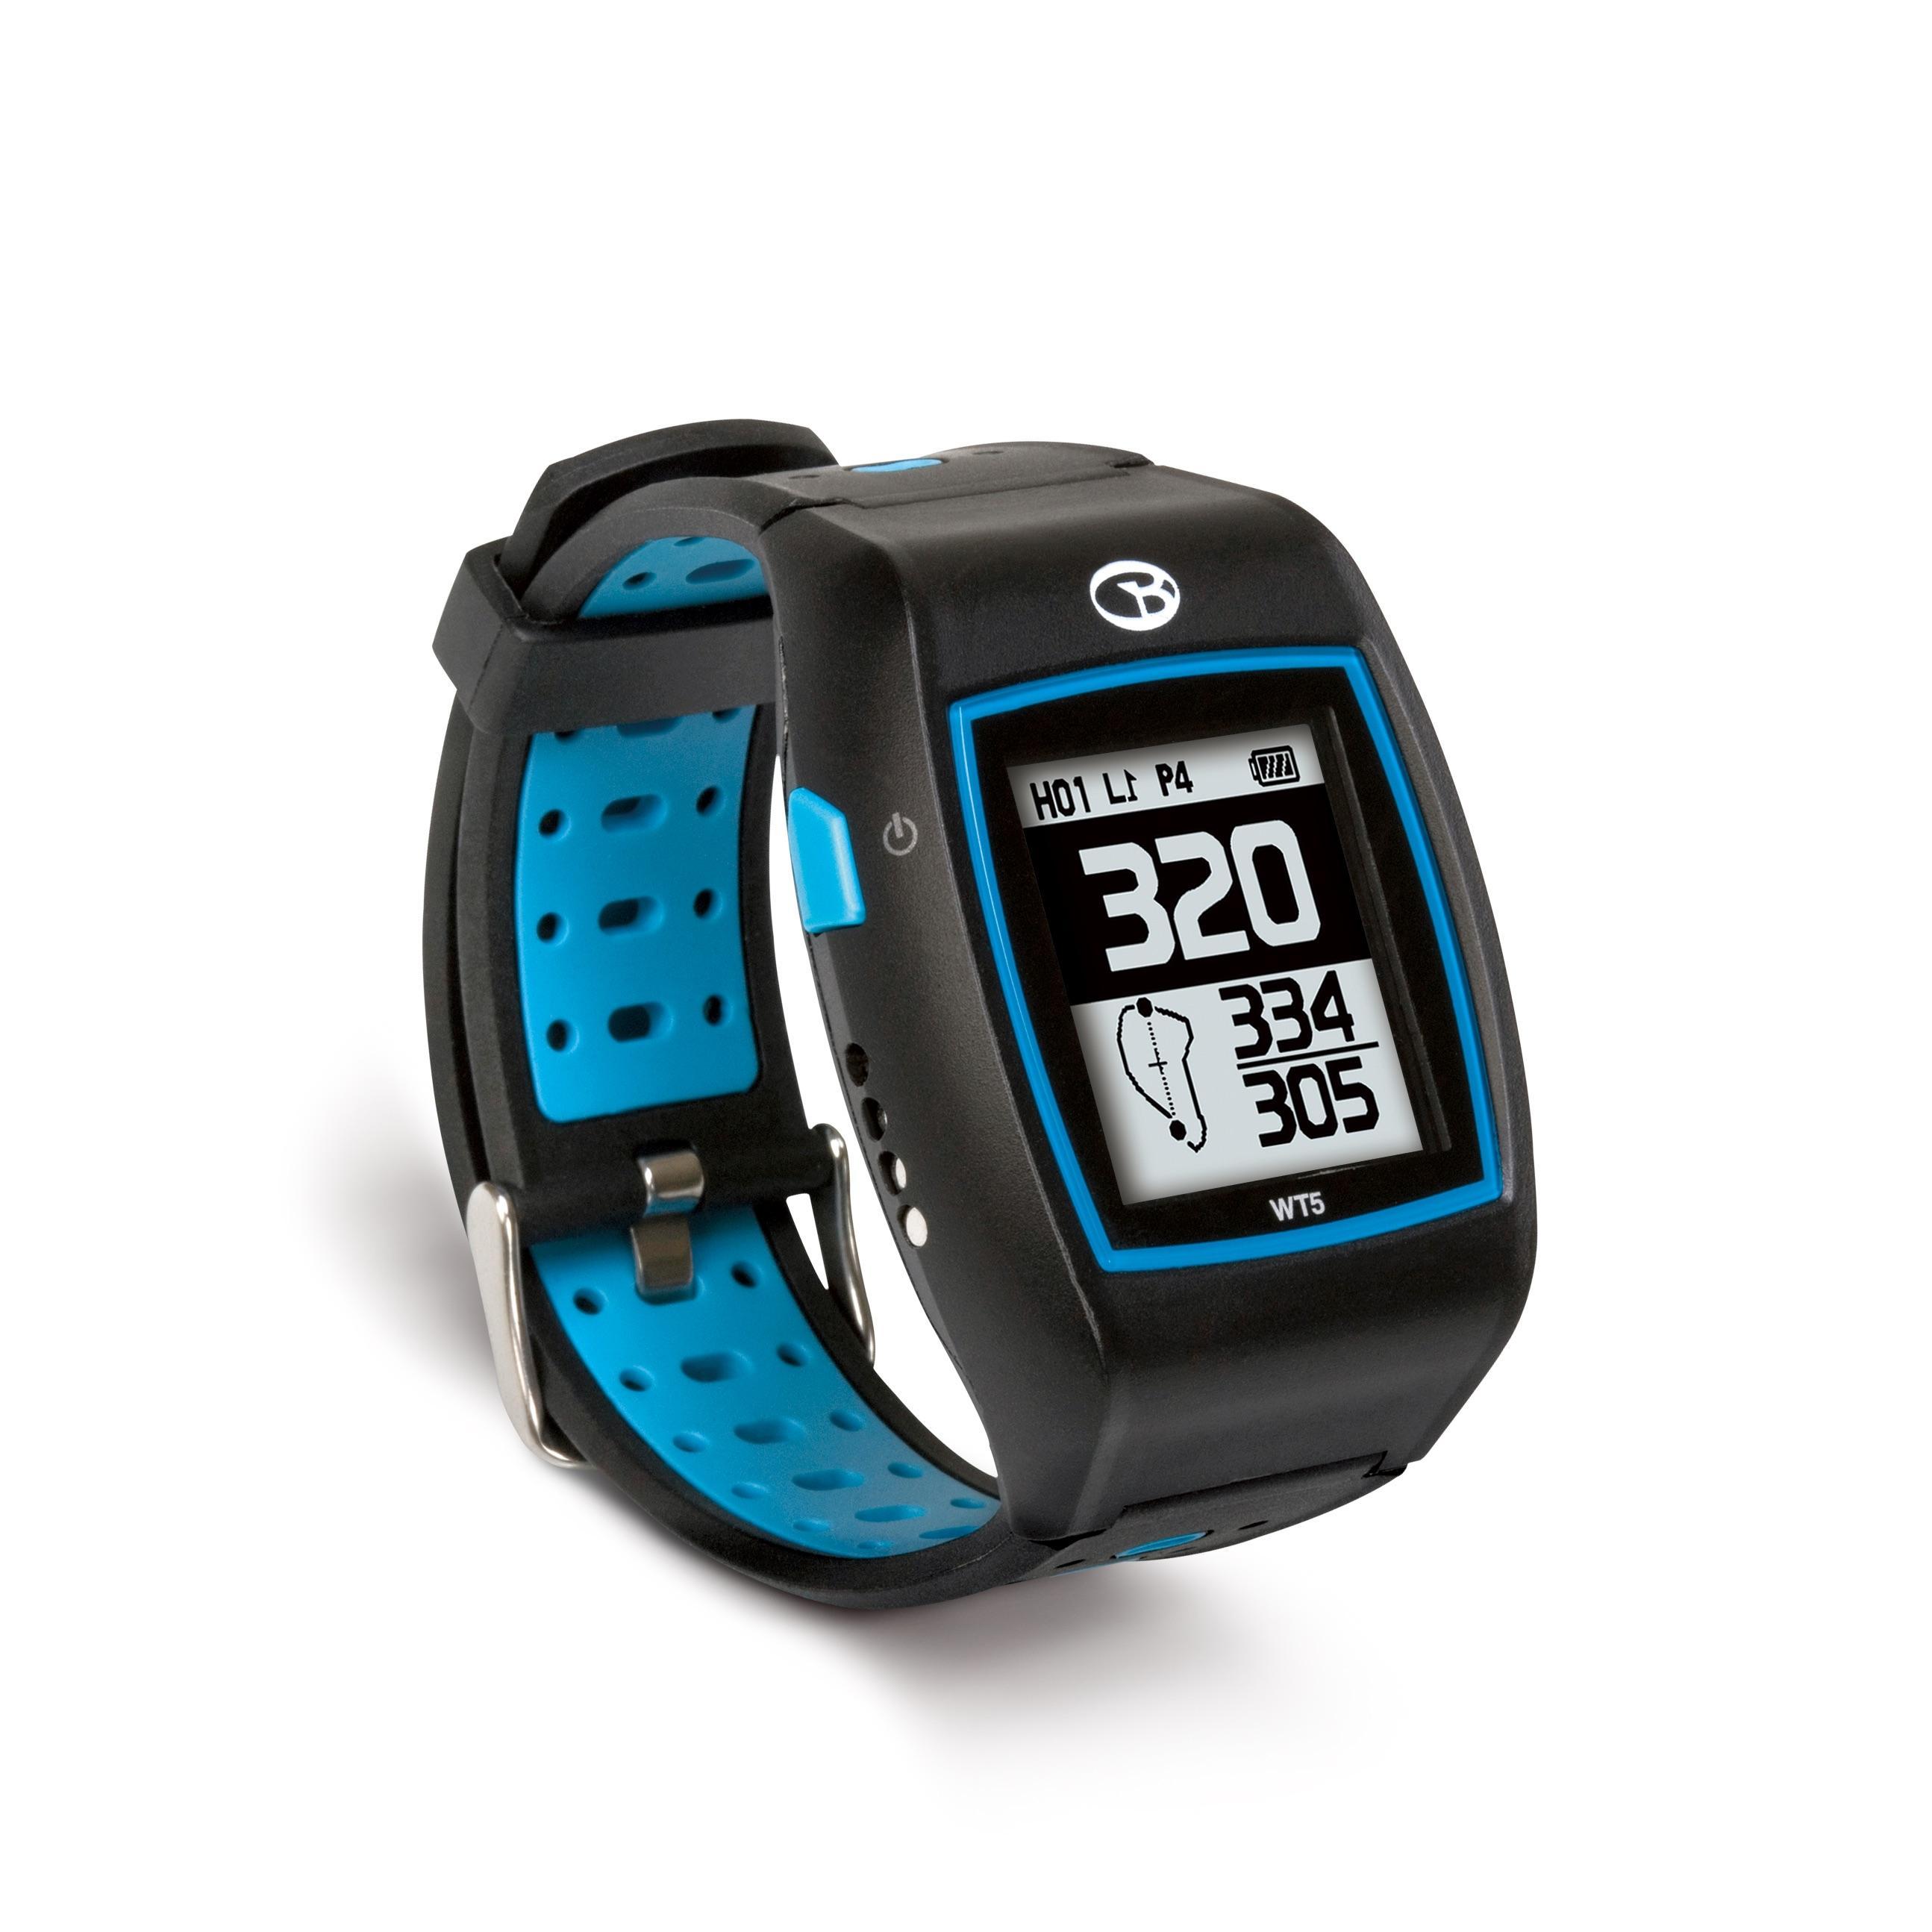 GolfBuddy WT5 Golf GPS Watch